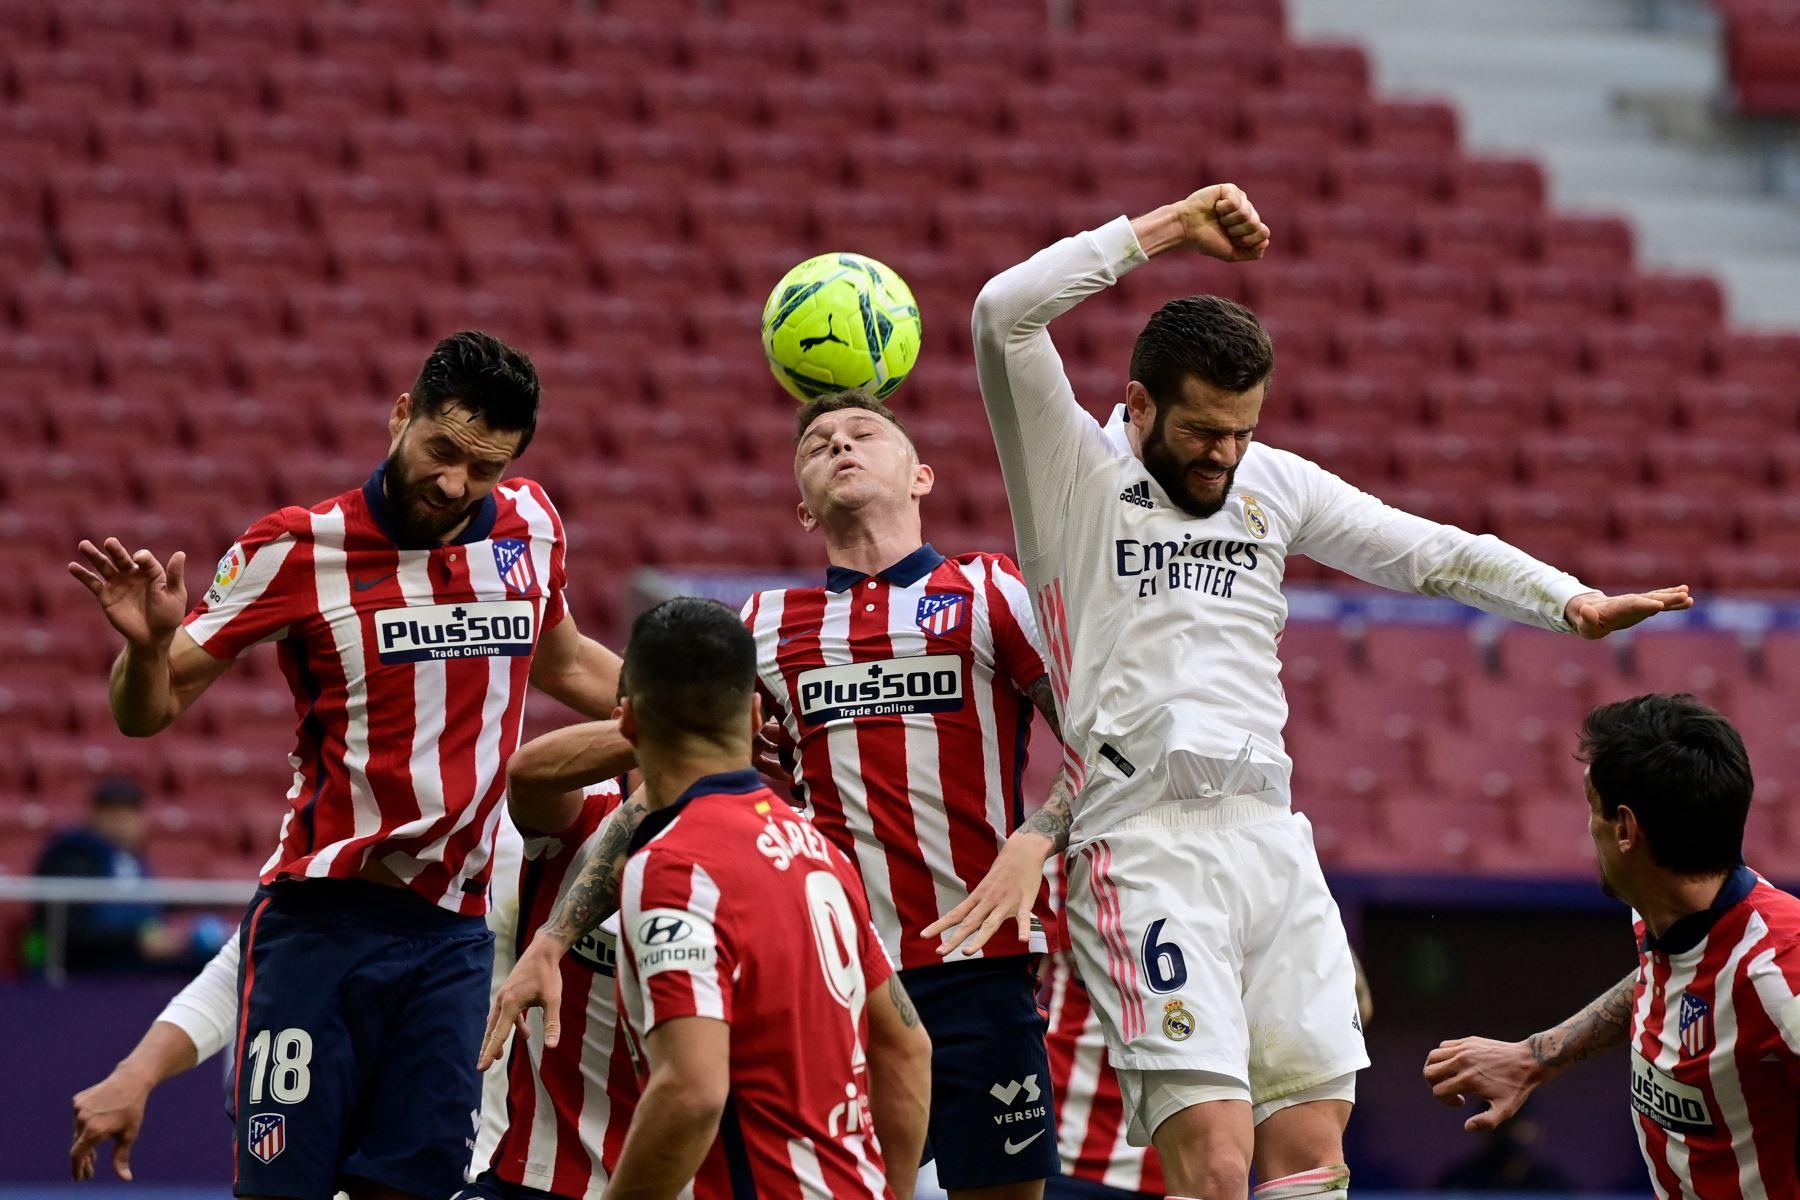 El defensor inglés del Atlético de Madrid Kieran Trippier  dirige el balón durante el partido de fútbol de la liga española Club Atlético de Madrid contra el Real Madrid. Foto: AFP